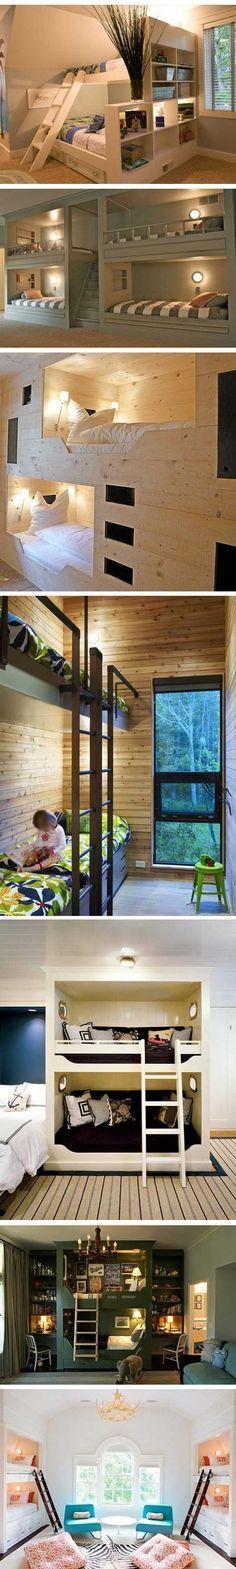 Etagenbett, Betten and Eingangsbereich Möbel on Pinterest